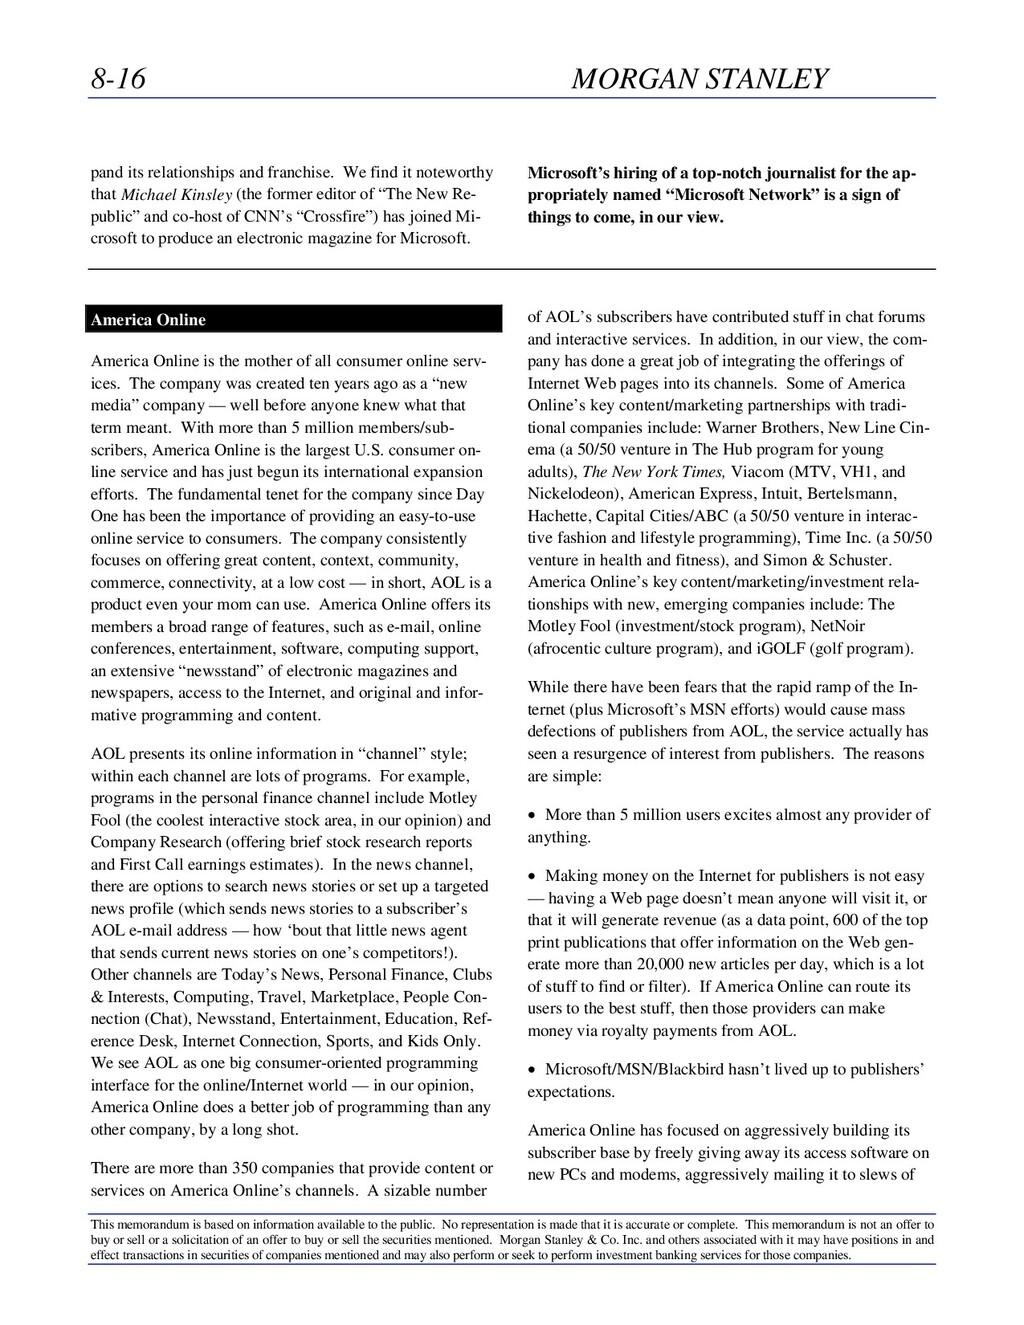 8-16 MORGAN STANLEY This memorandum is based on...